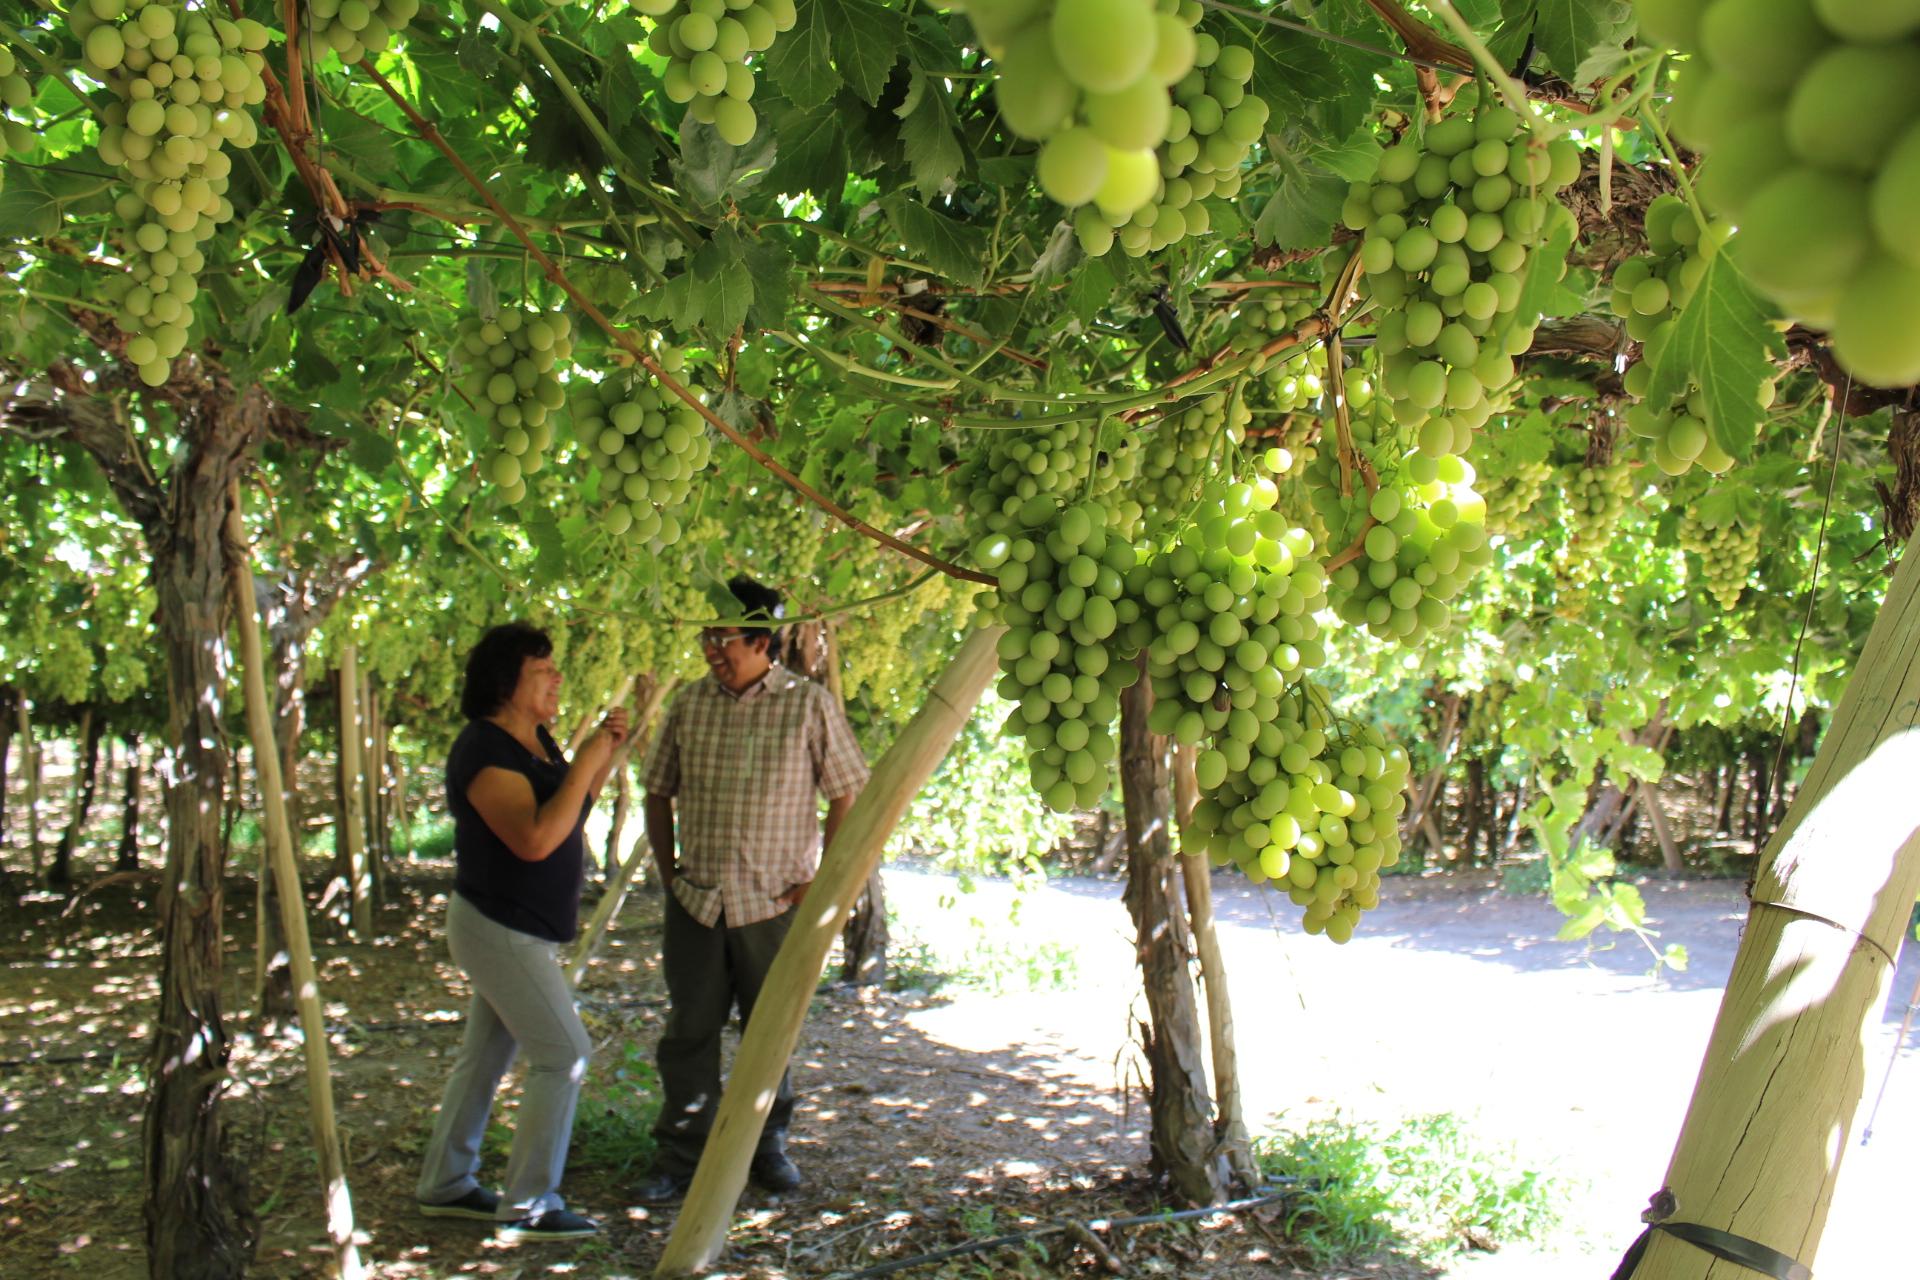 Programa de apoyo a productores de uva de la Provincia de Huasco tendrá segundo año de ejecución